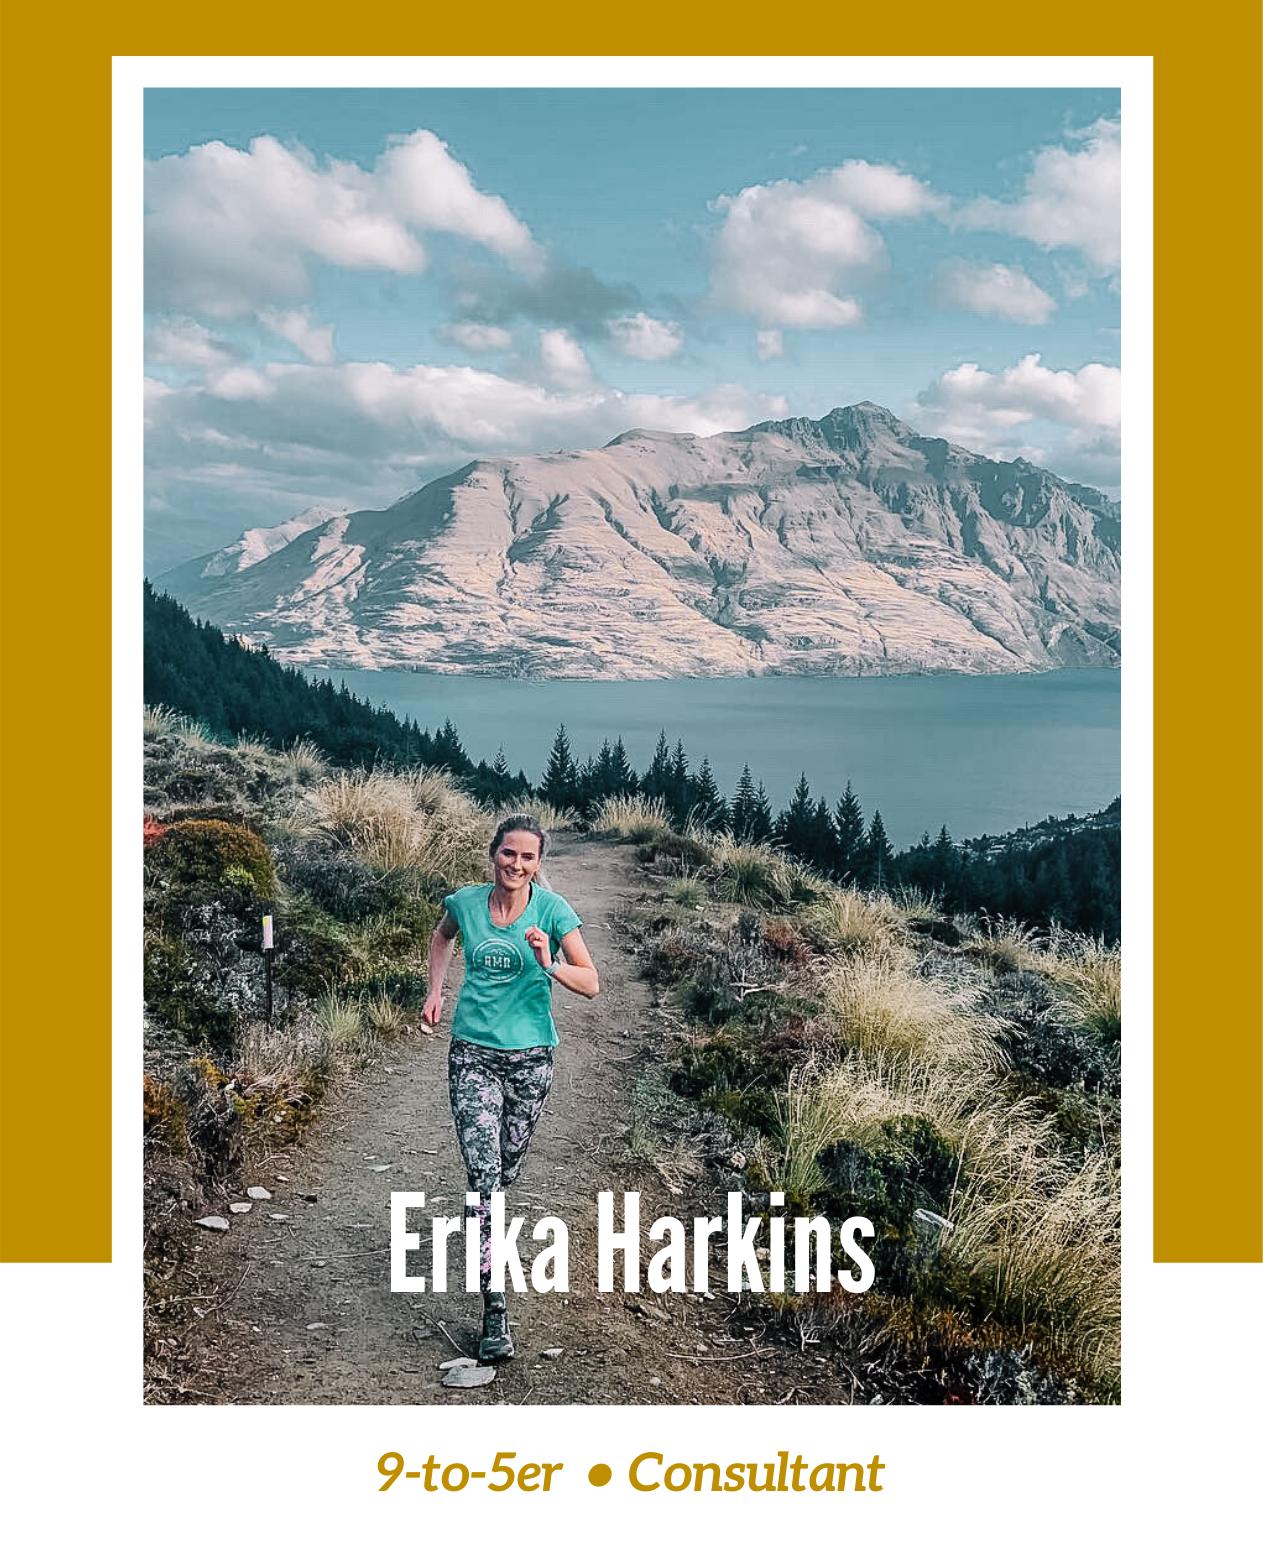 Rachel Off Duty: Stories Beyond the 9-to-5 – Episode 5 - Harkins